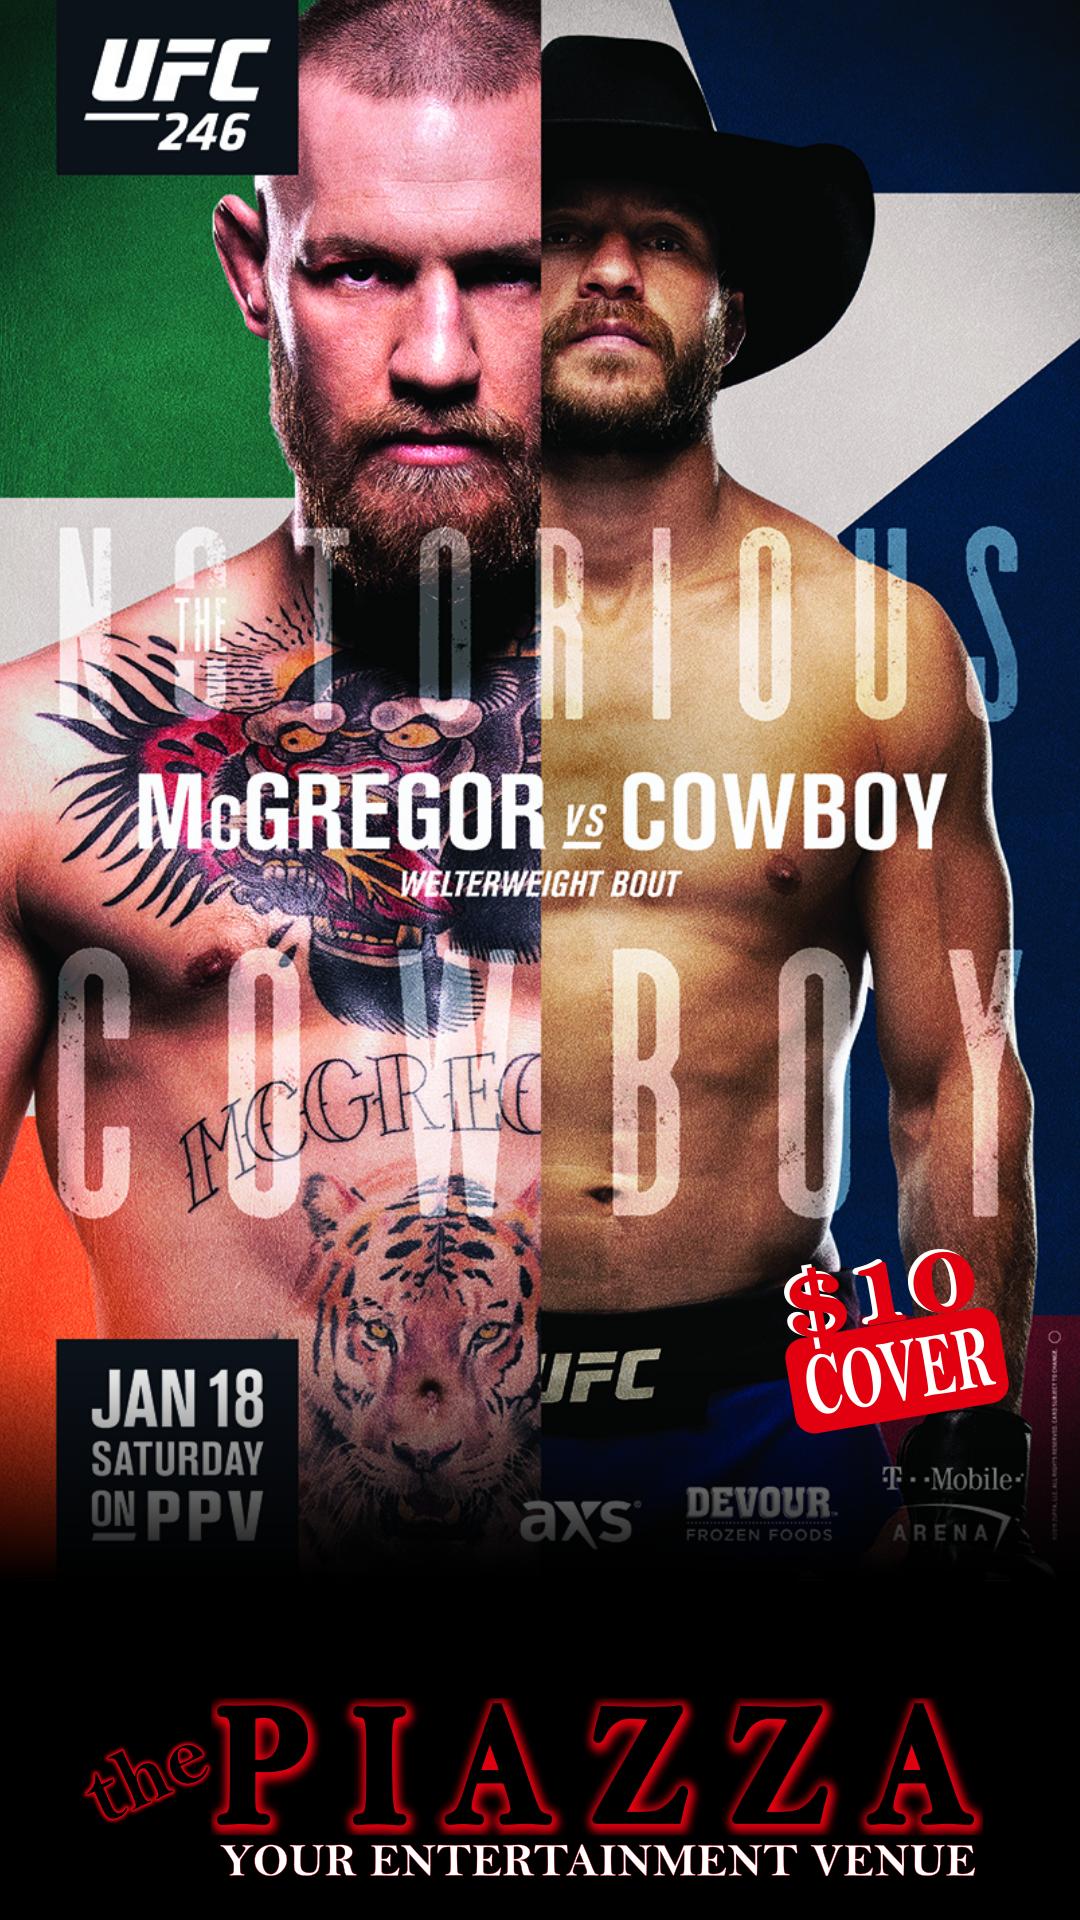 UFC 246: McGregor vs Cerrone @ the PIAZZA - Aurora